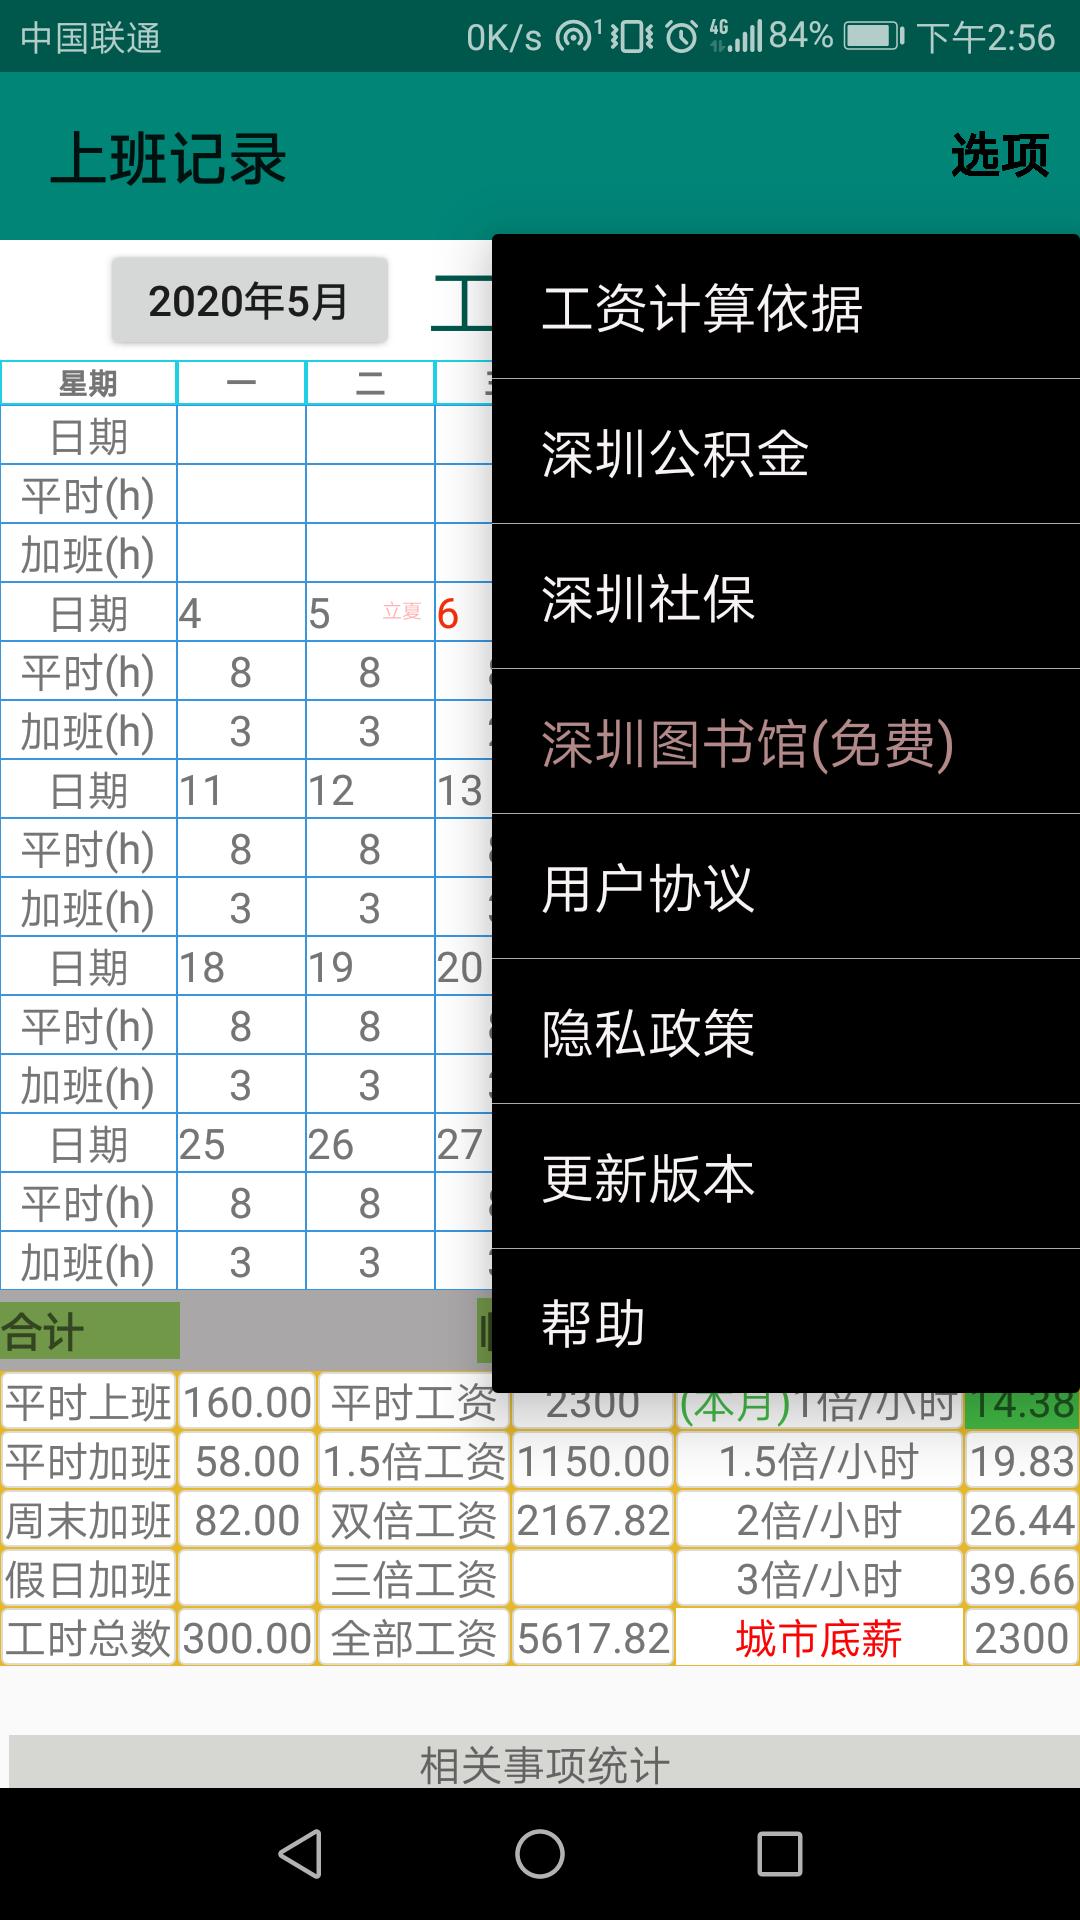 上班记录app截图4